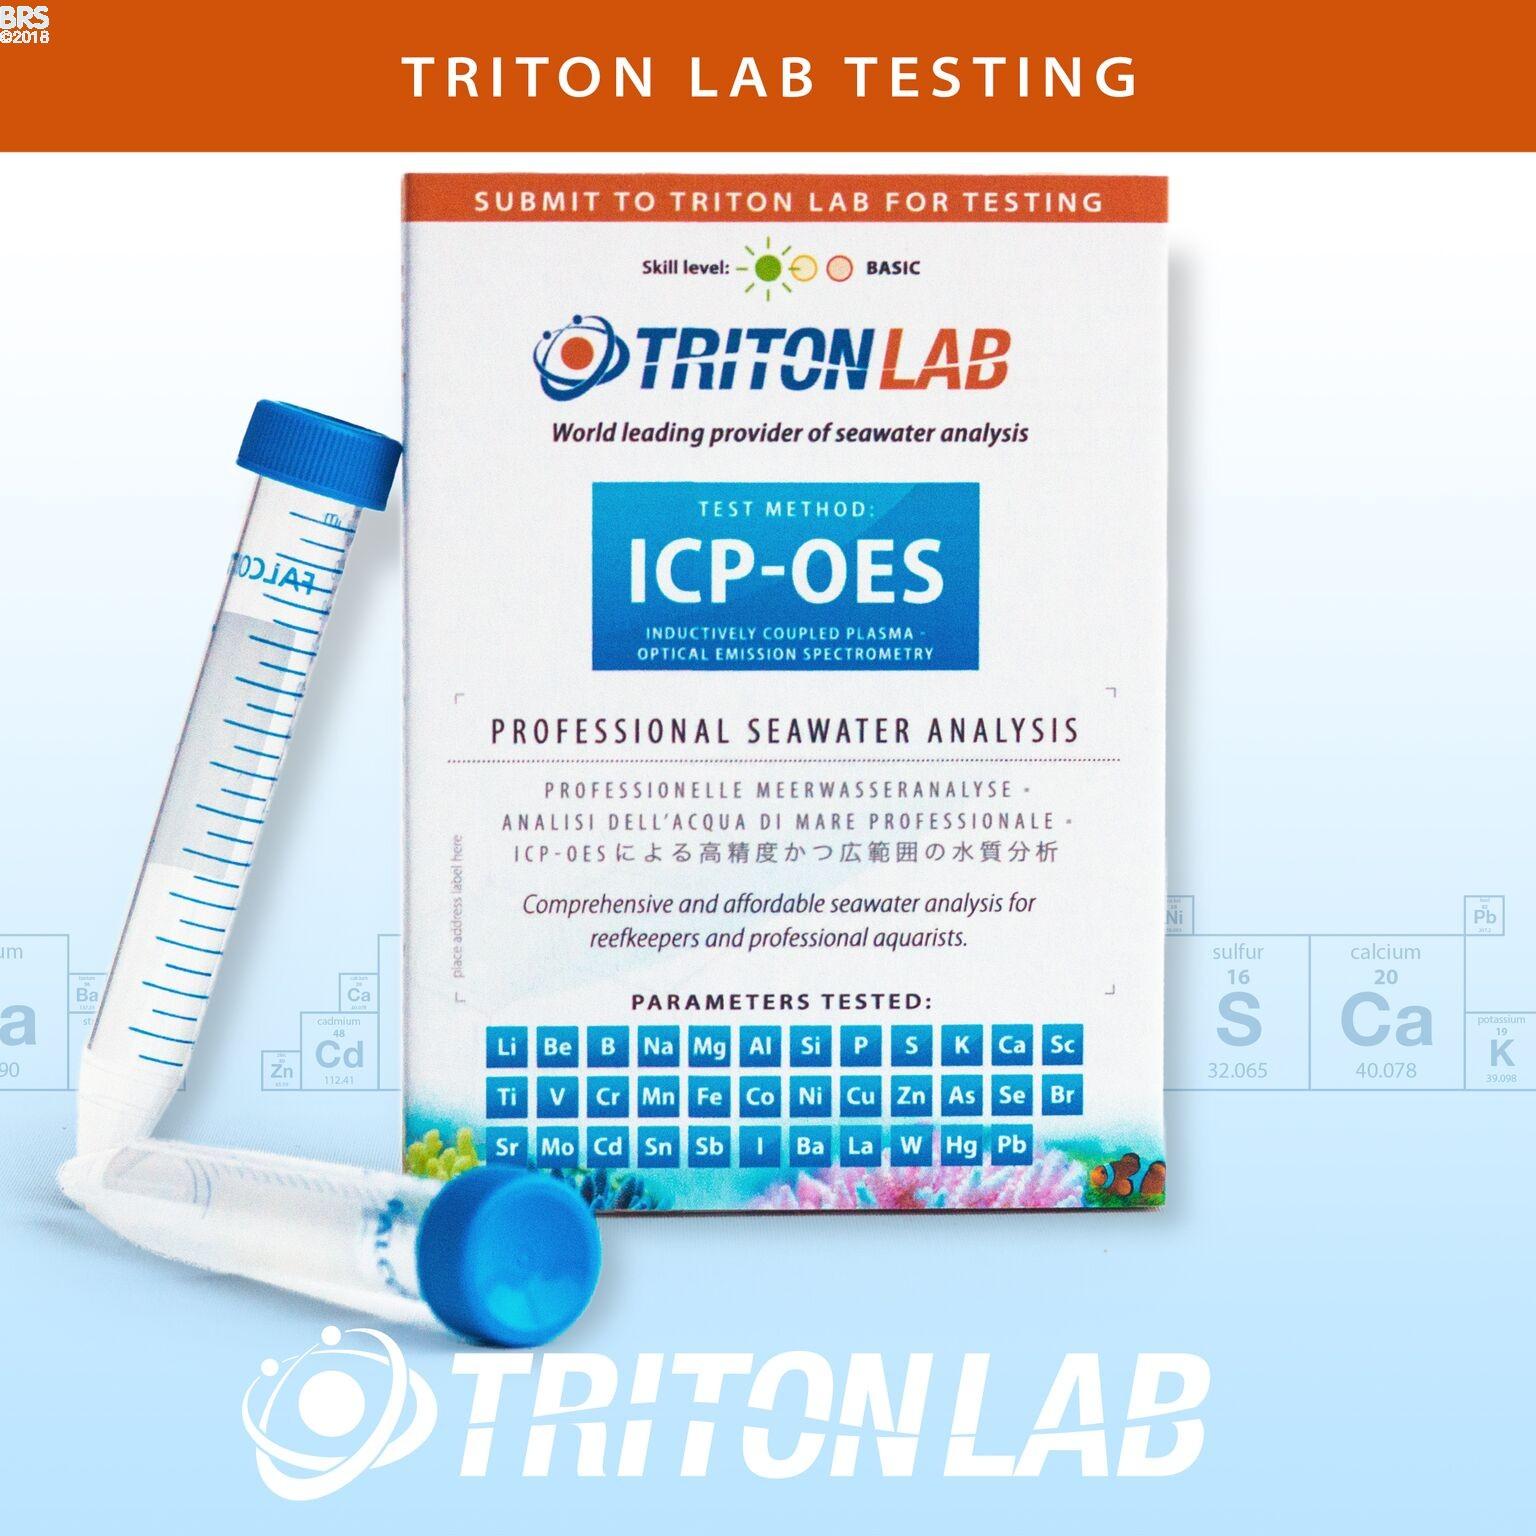 triton-product-icp-analysis2500_1.jpg